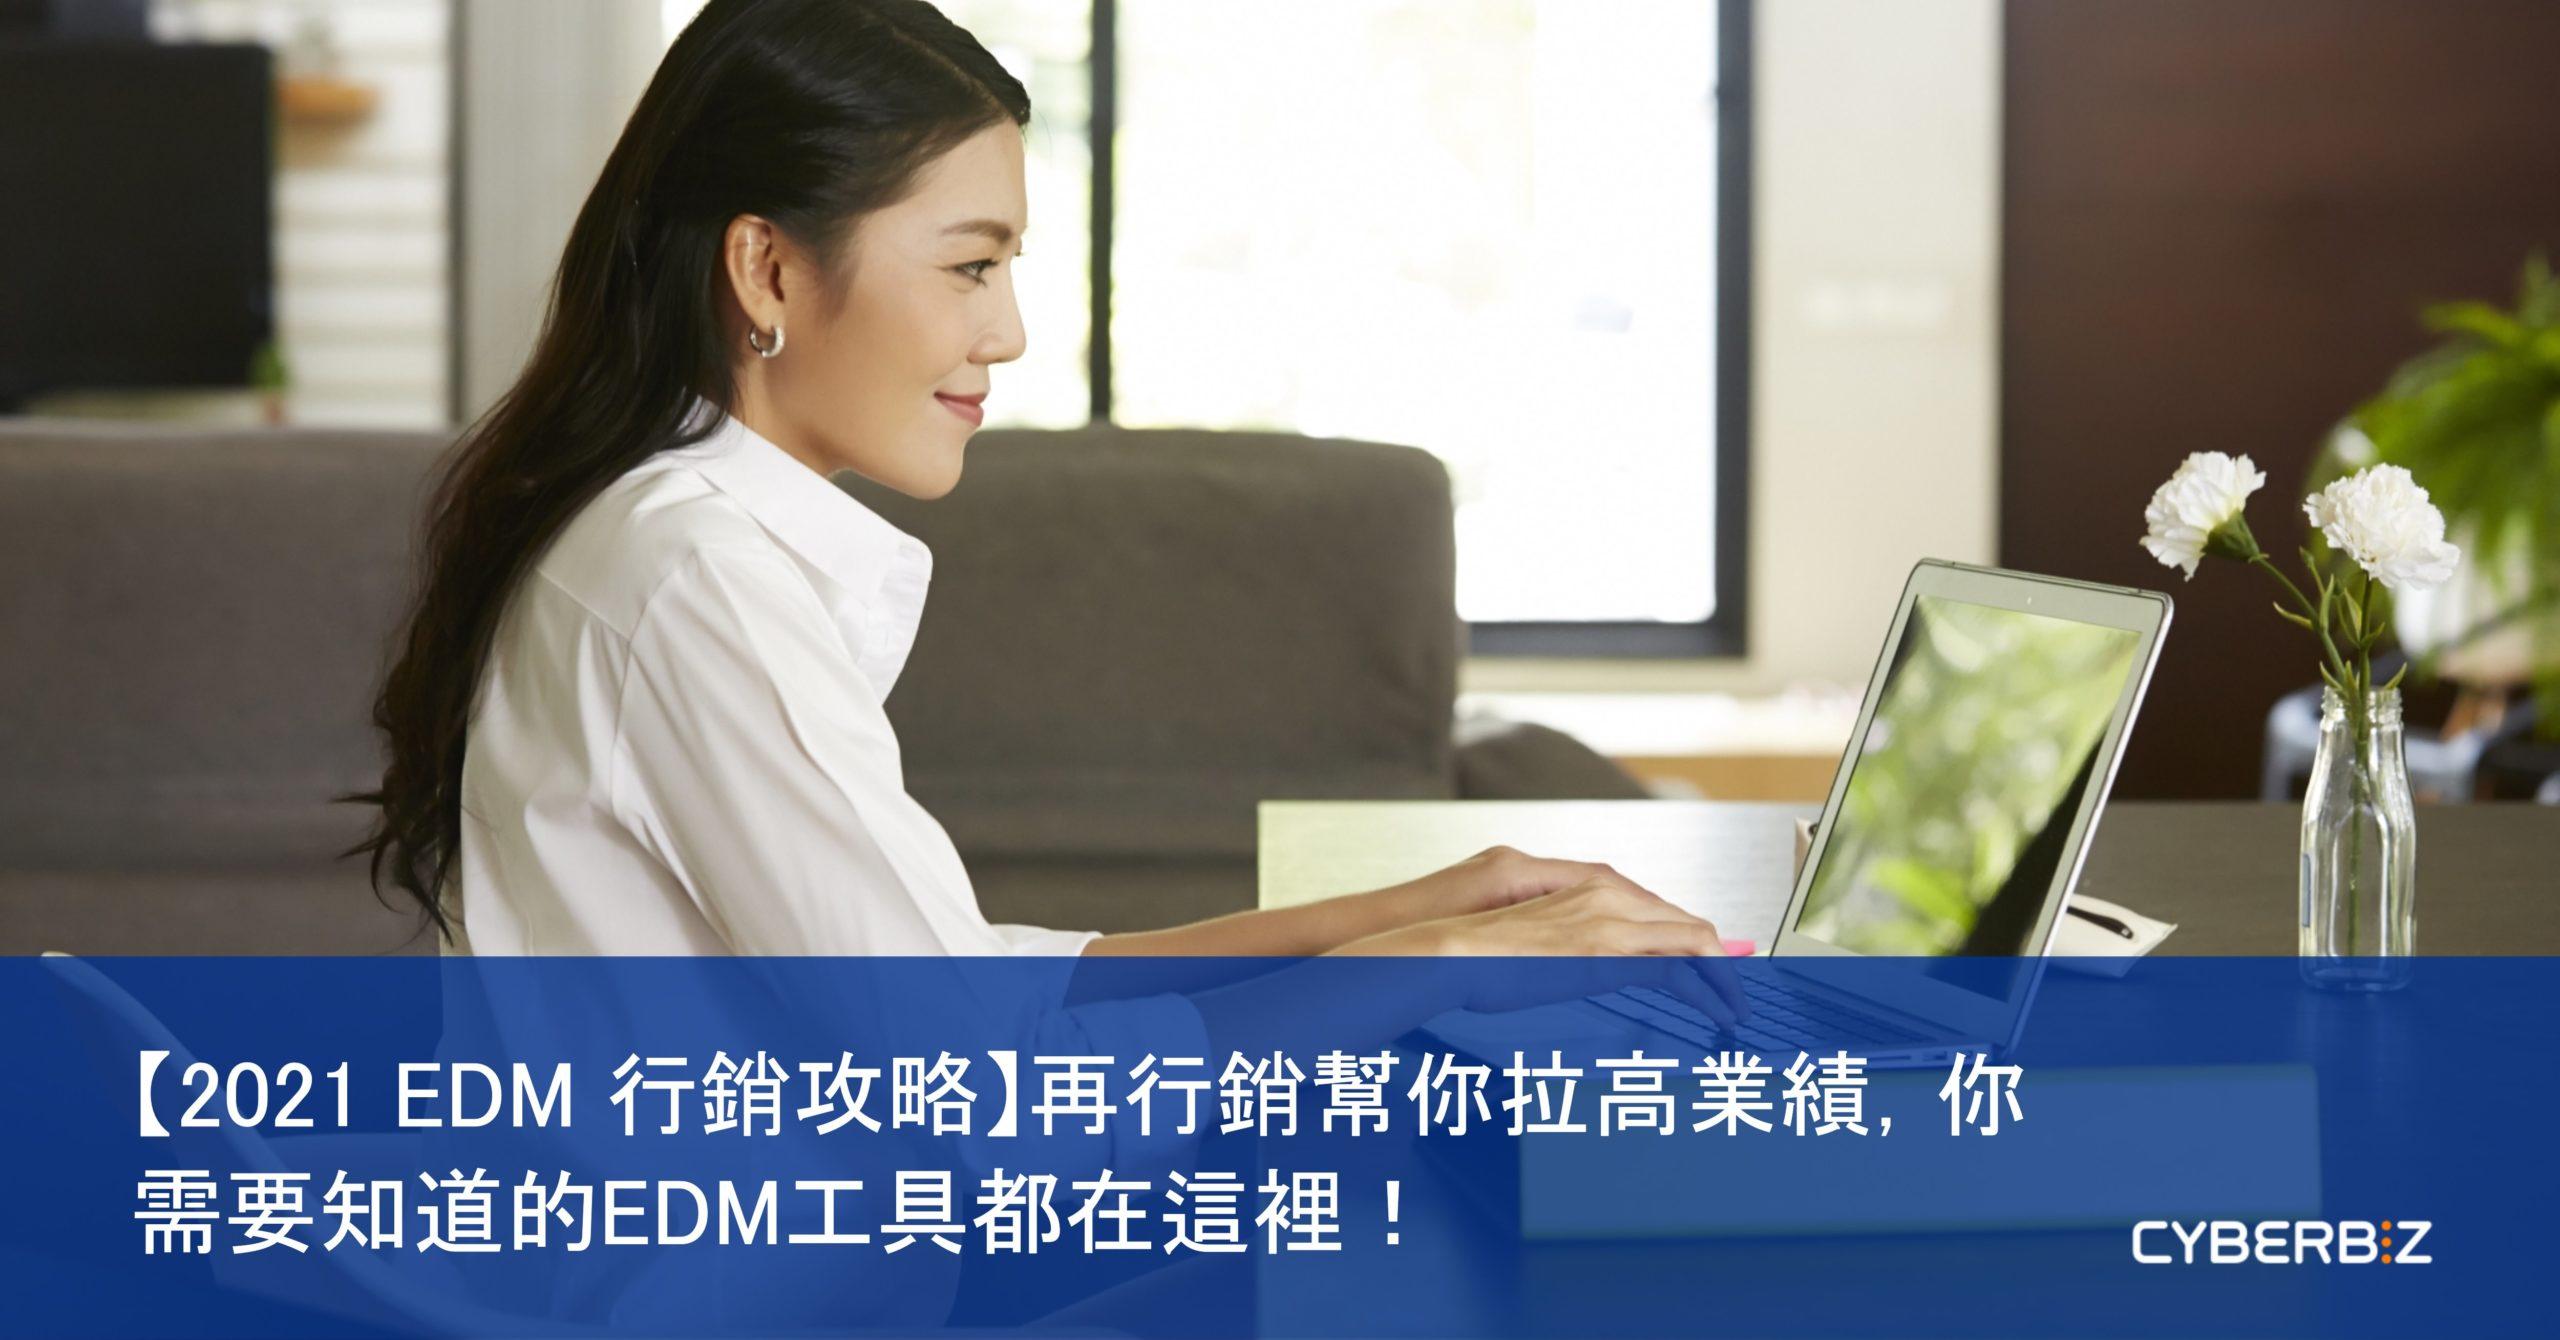 【2021EDM行銷攻略】用對EDM再行銷,抓住老顧客的眼球!